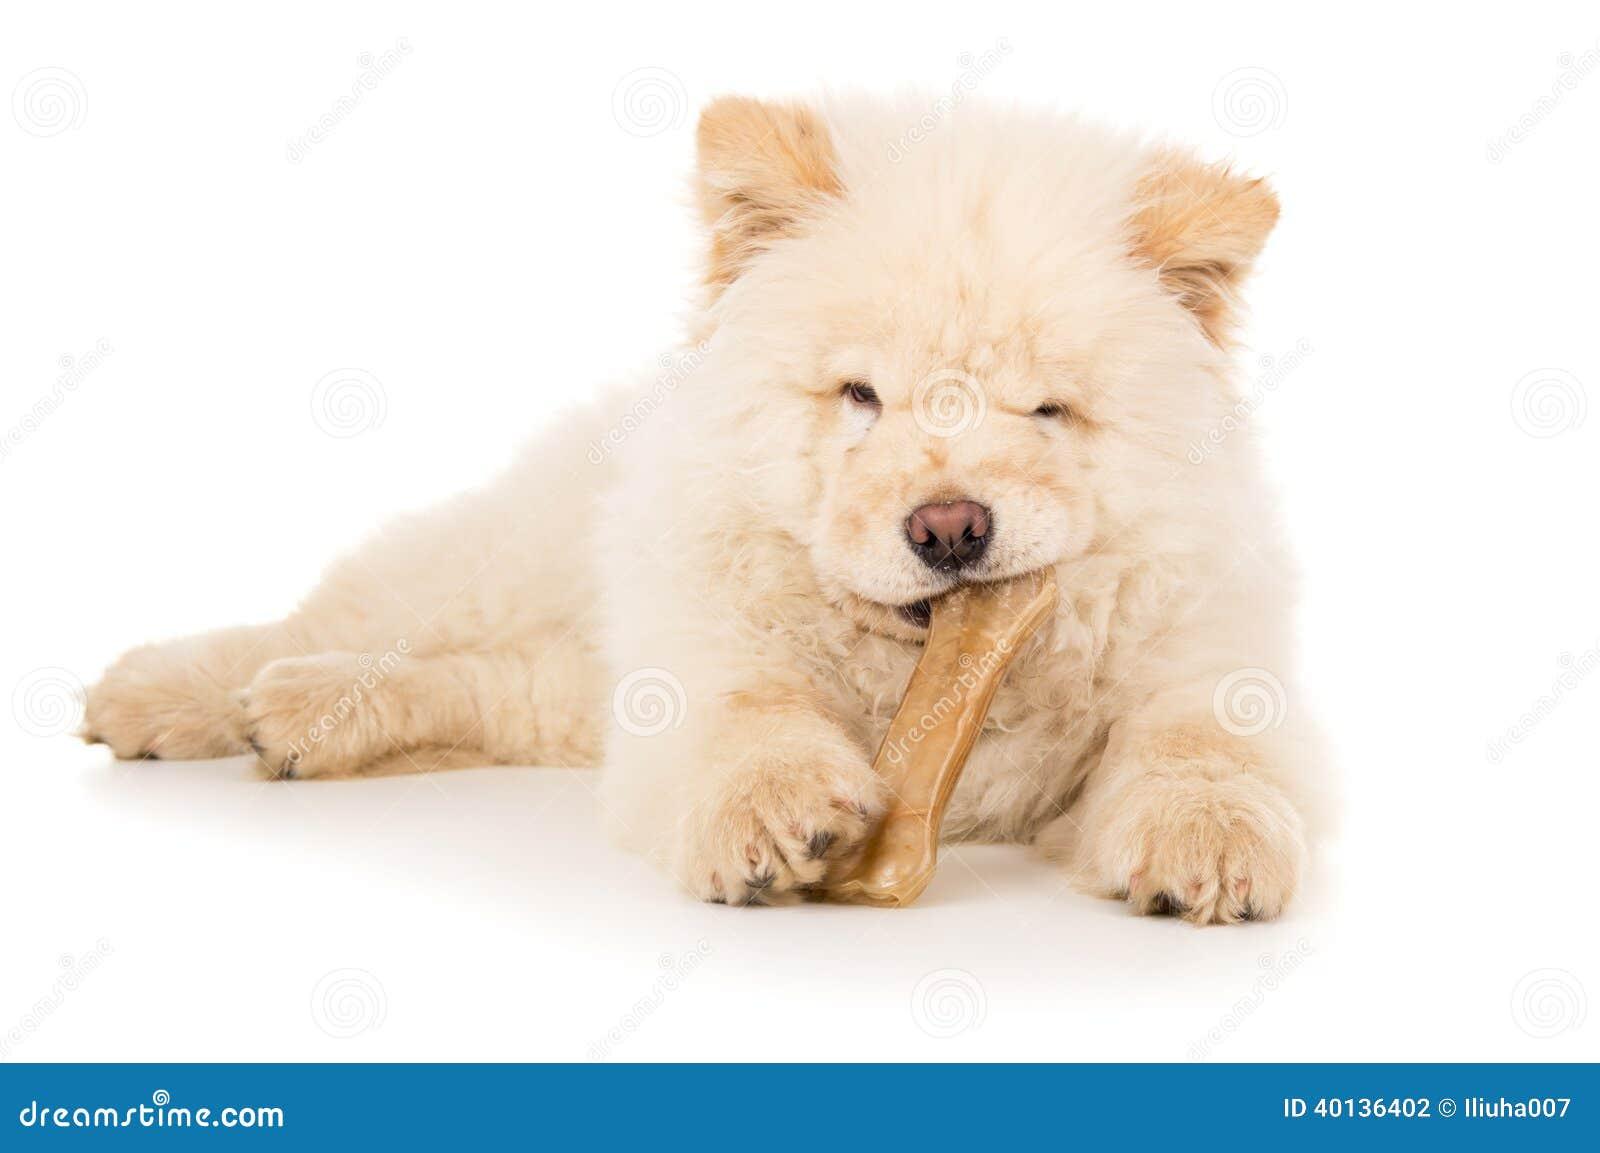 狗,吃骨头的小狗.